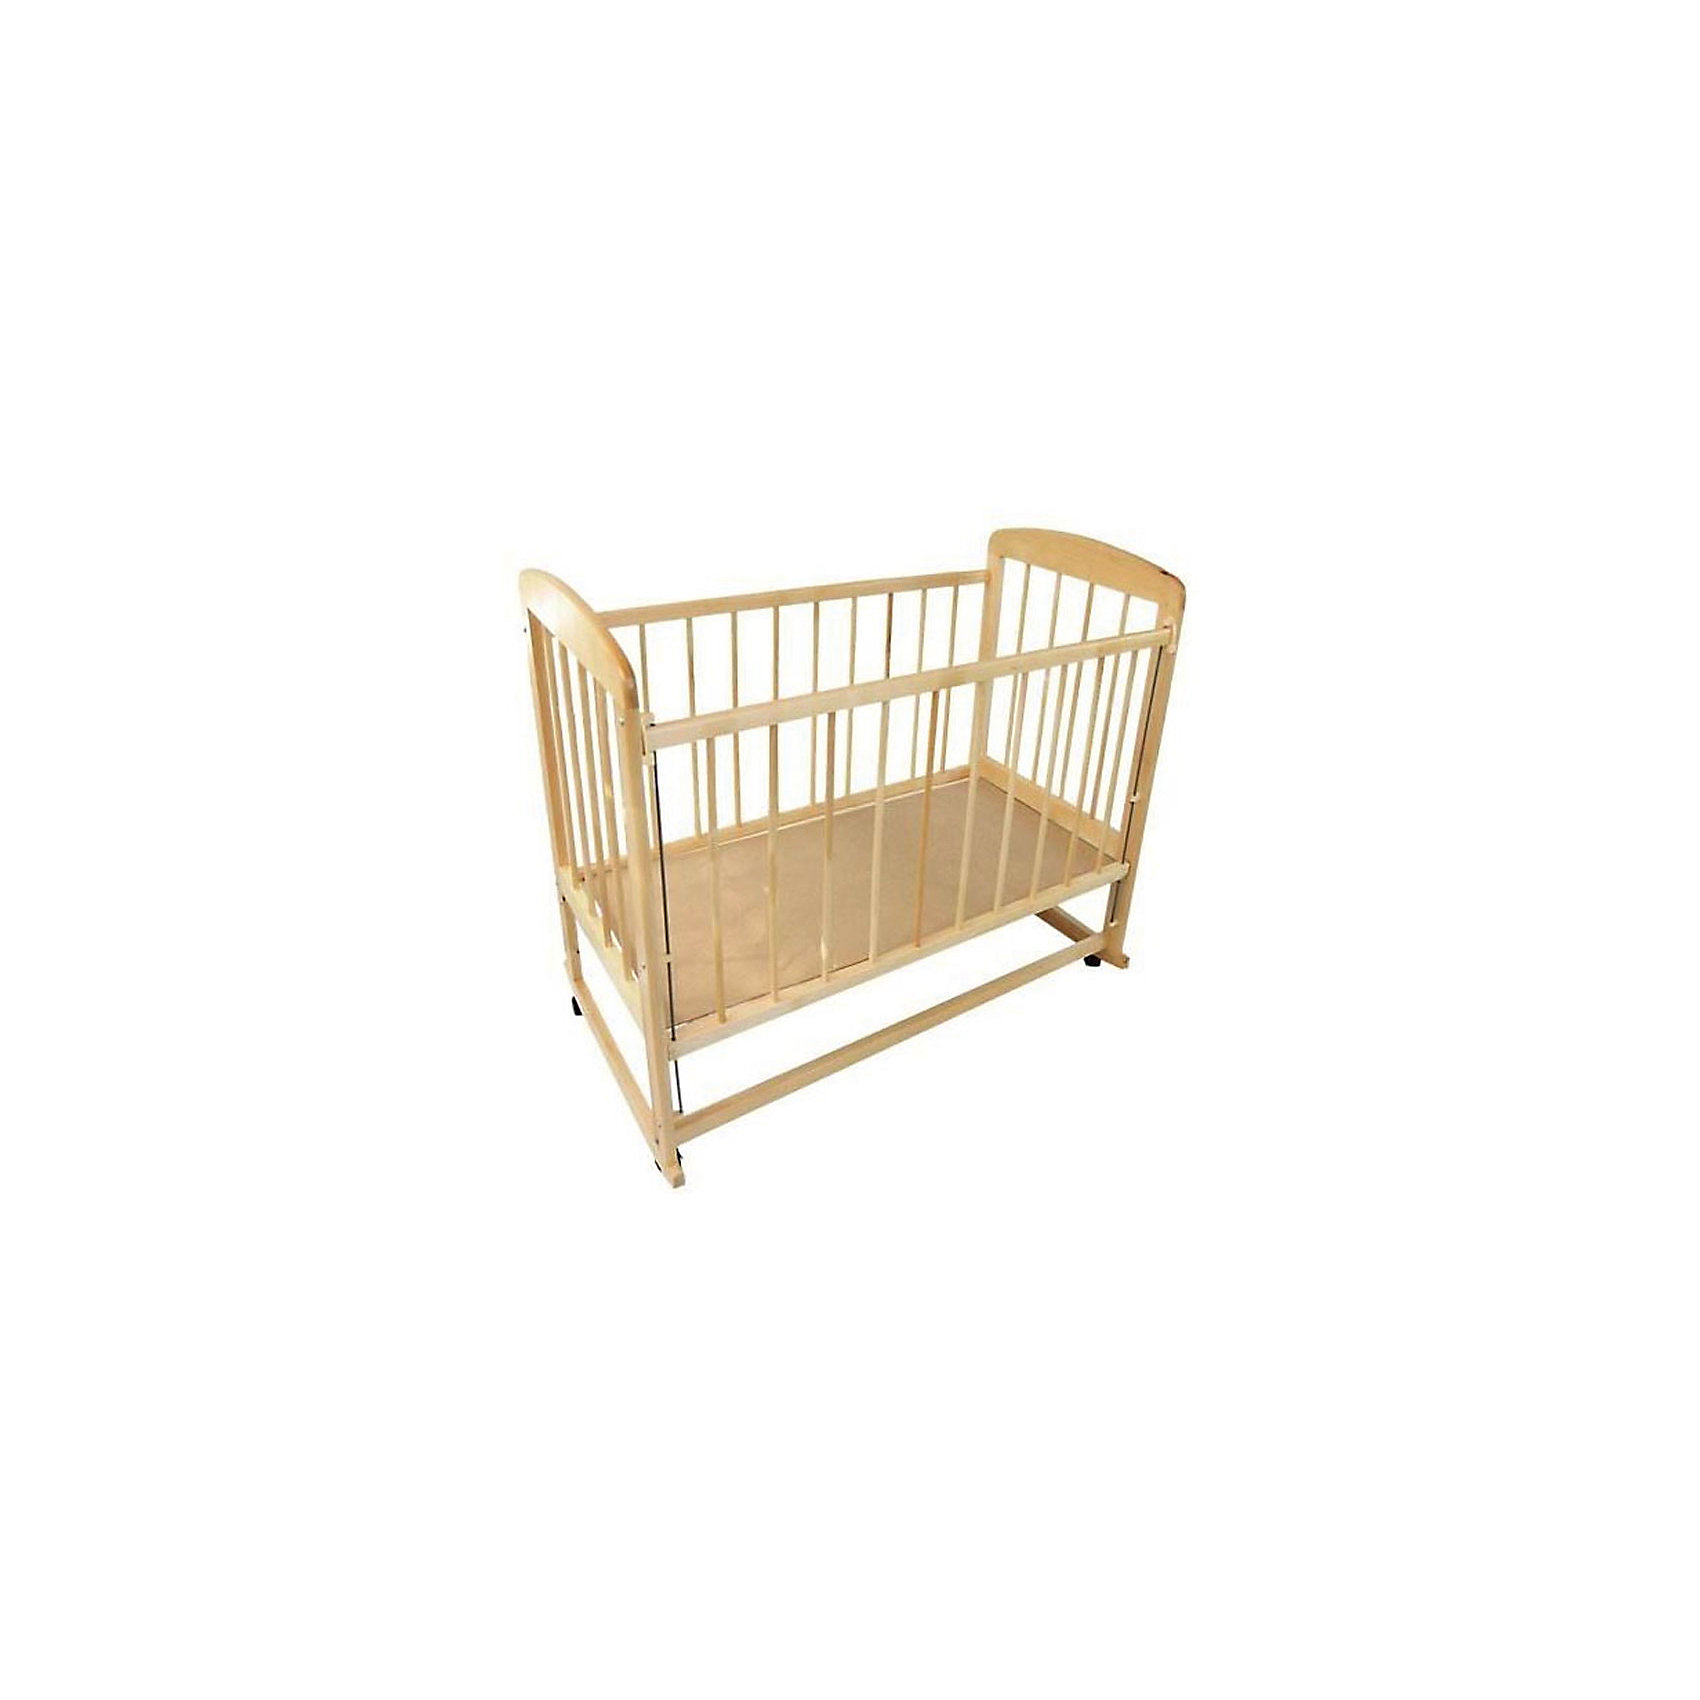 - Кроватка-качалка Мишутка 12, светлая обычная кроватка уренская мебельная фабрика мишутка 12 темная